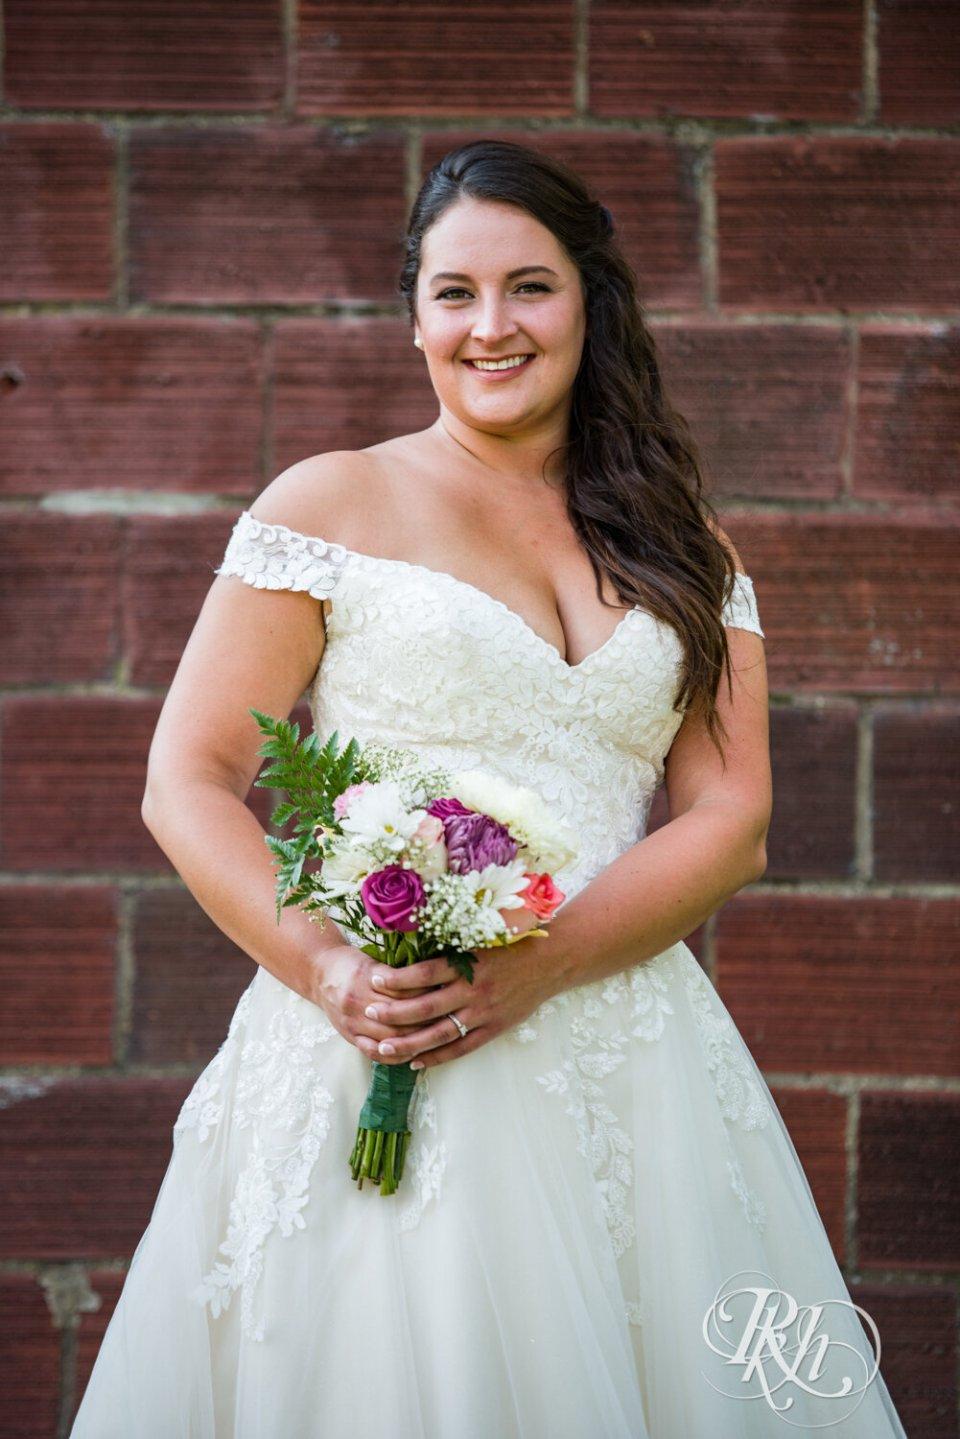 Jolene, the bride, holding flowers